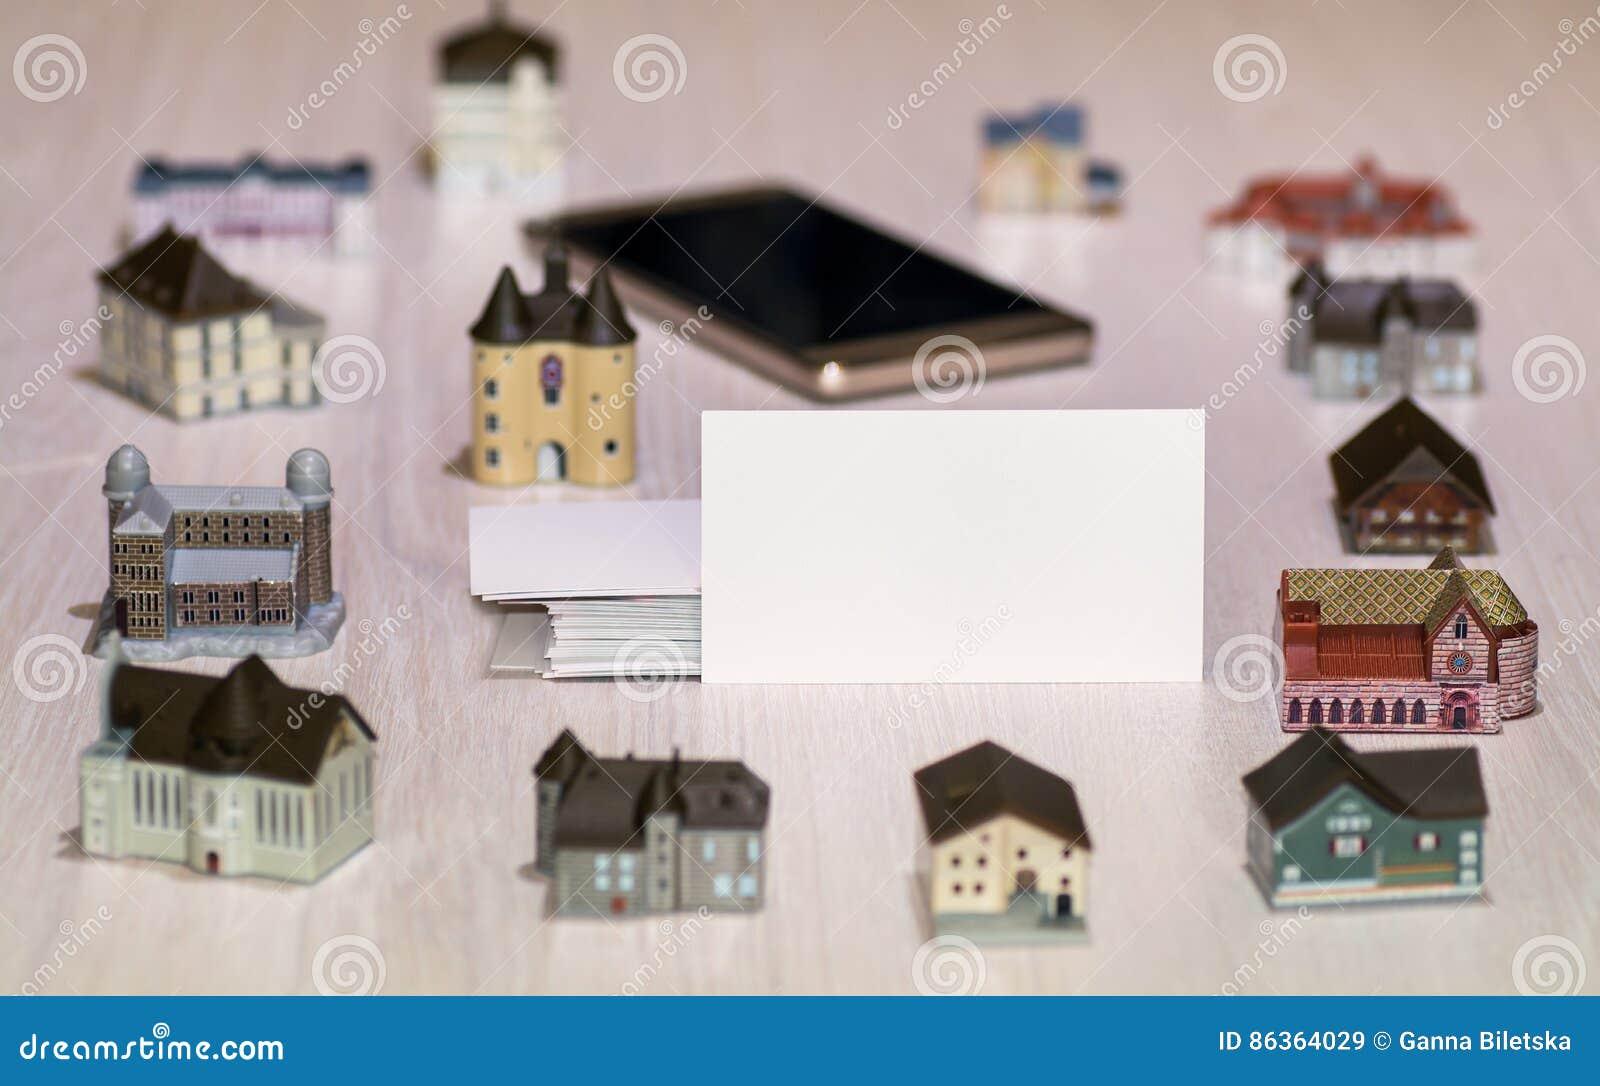 Agencias inmobiliarias reales en blanco de la tarjeta de visita, empresas de la construcción Propiedades inmobiliarias en todo el